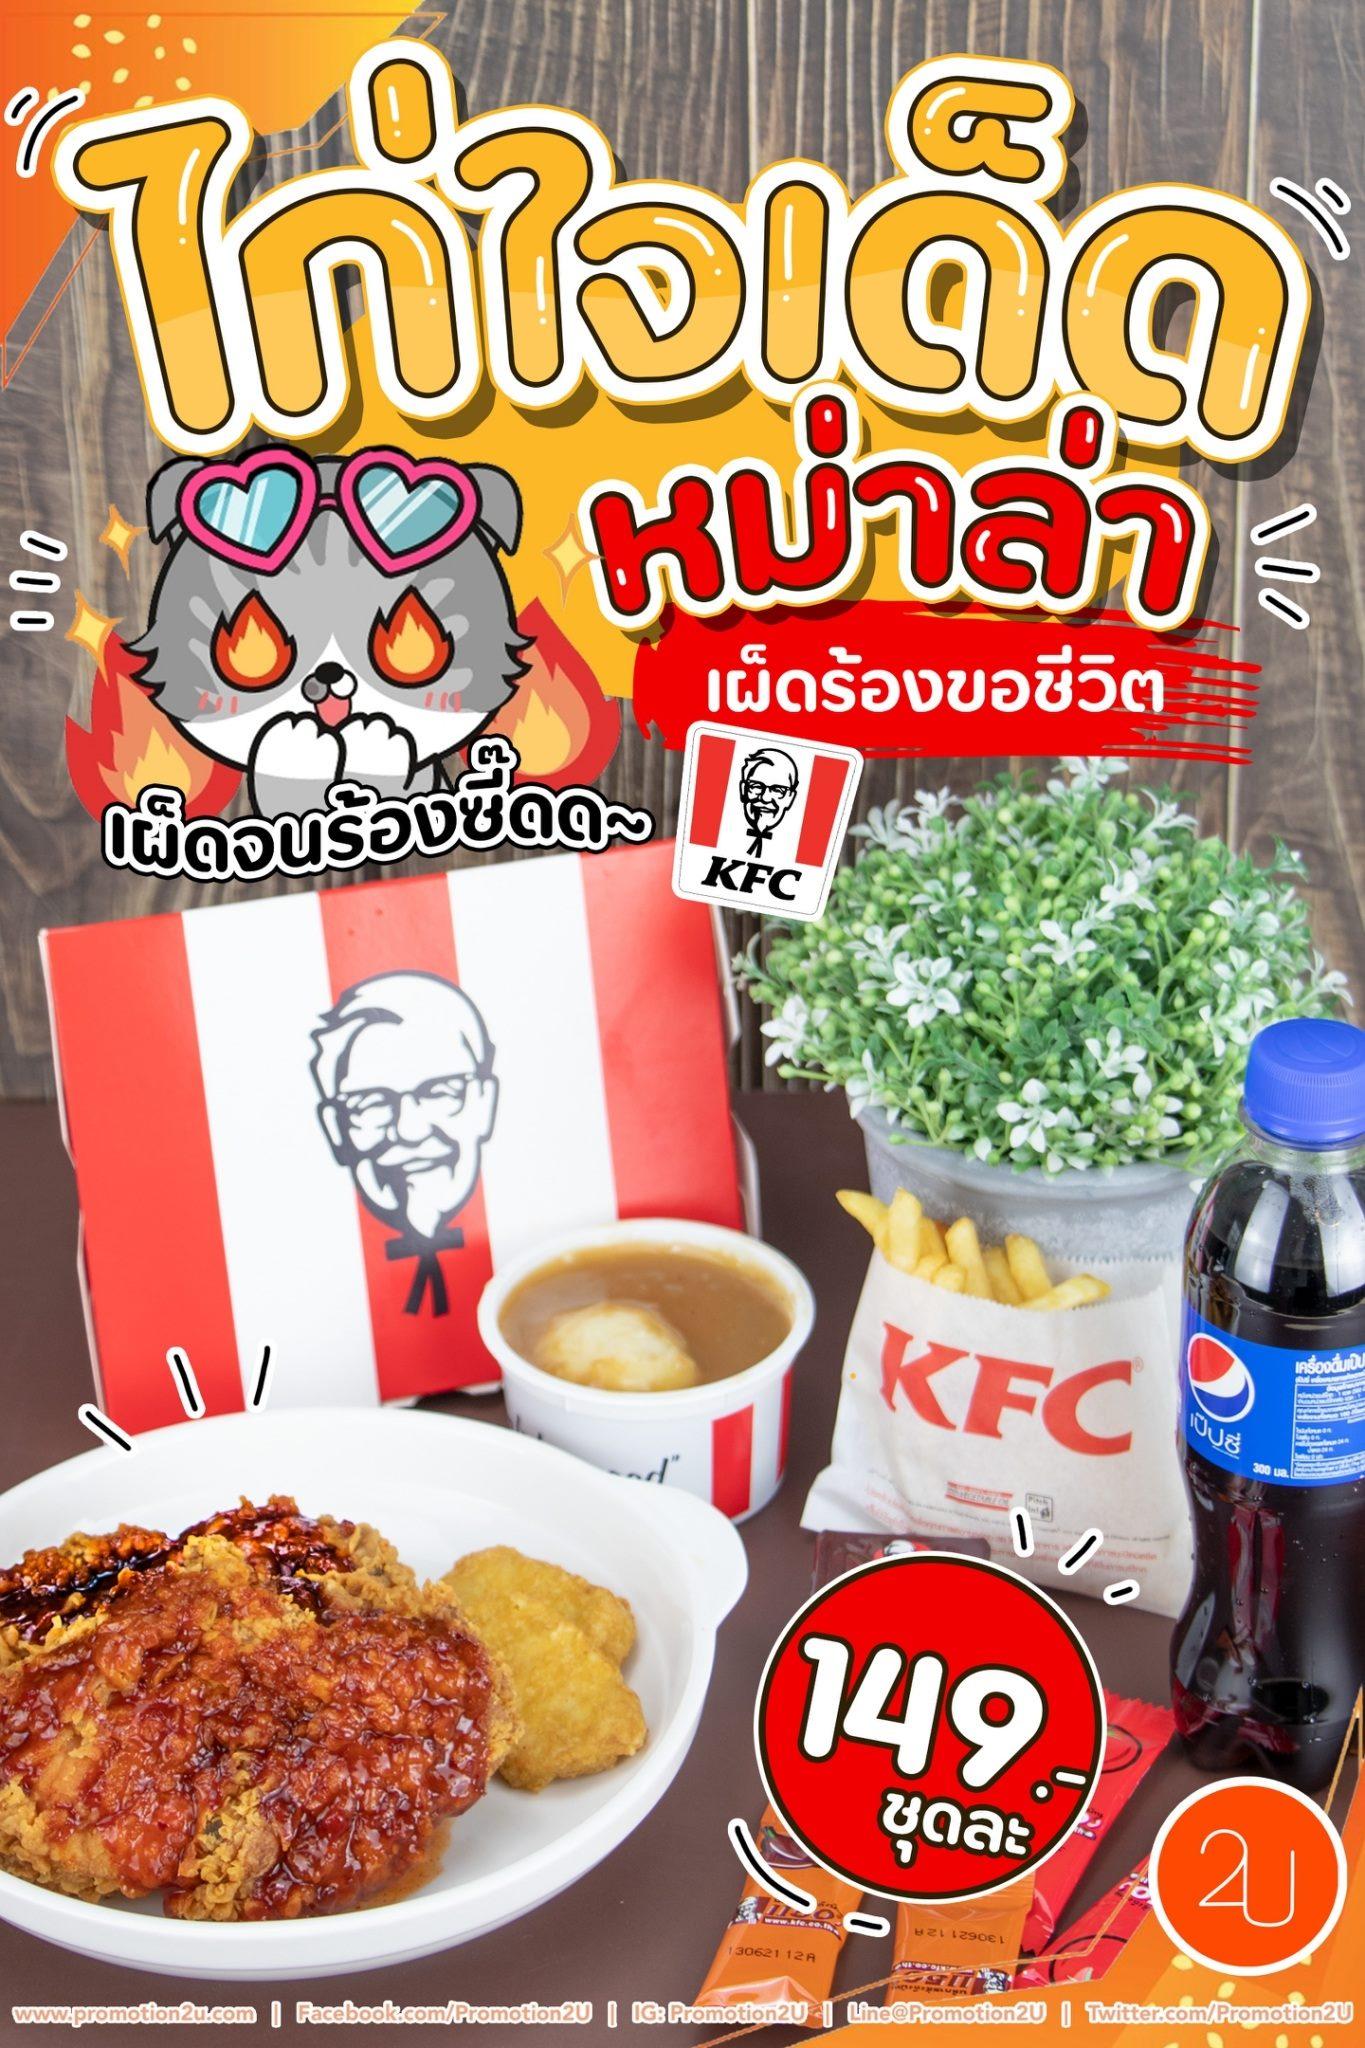 ท้าให้ลอง! KFC ไก่ใจเด็ด เผ็ดแซ่บทะลุปรอท เริ่มต้น 79.- (- 9 มิ.ย.64)